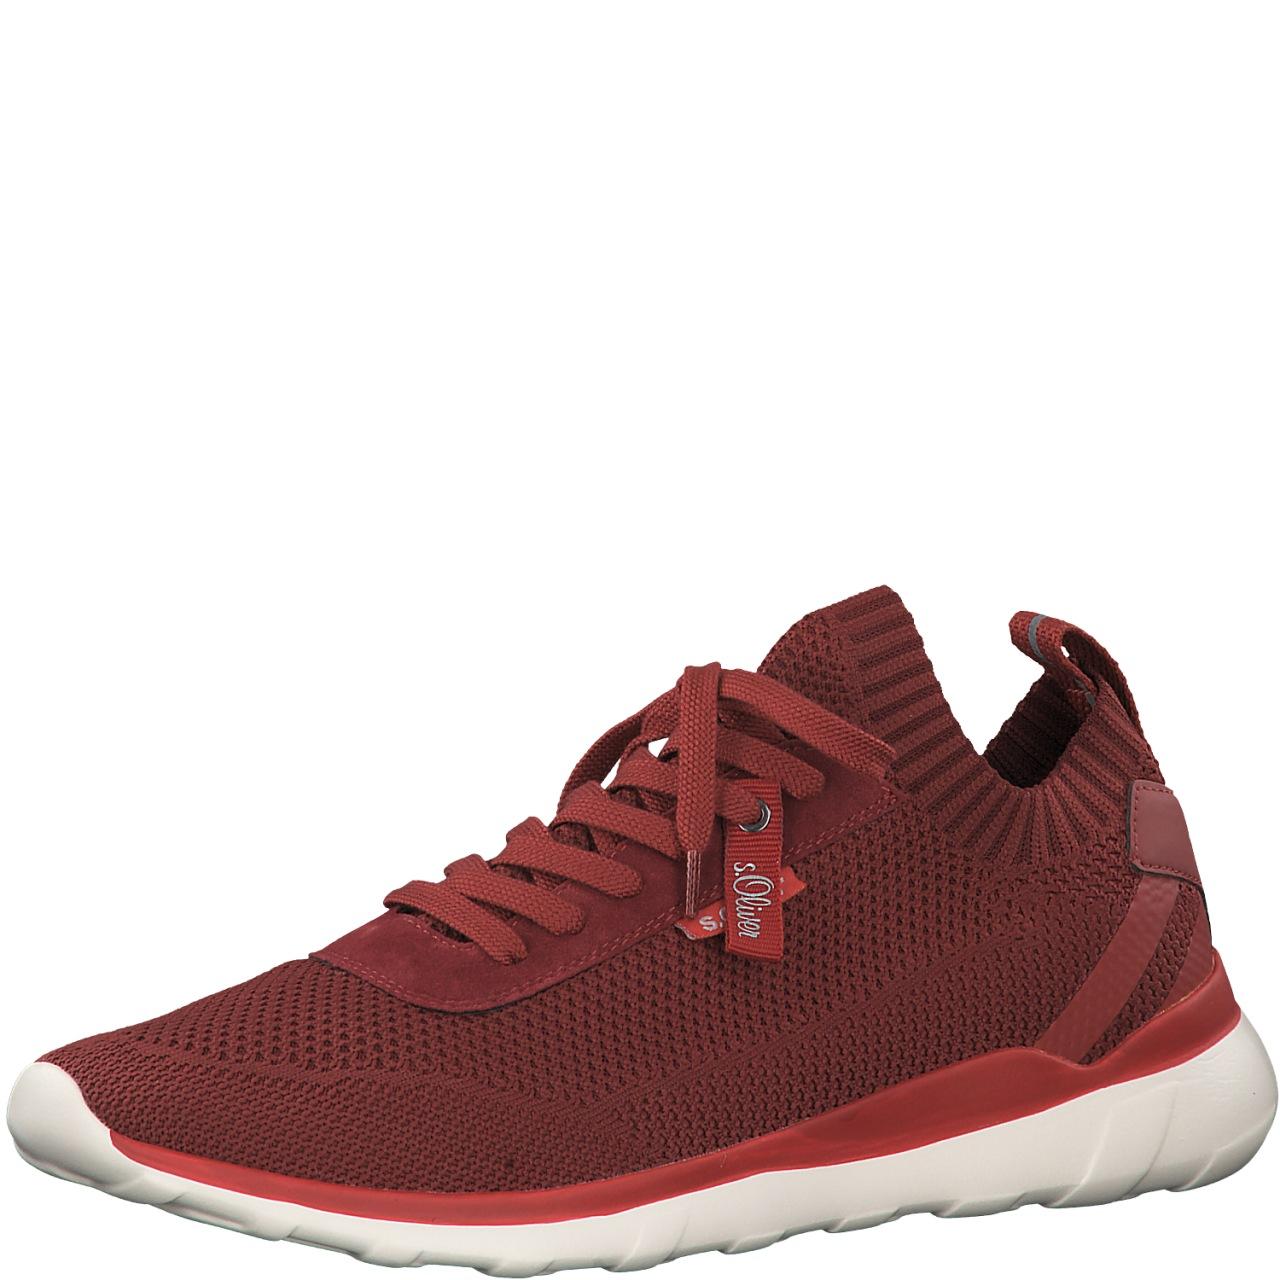 Herren Damen Sneaker Sportschuhe Klettverschluss Runners